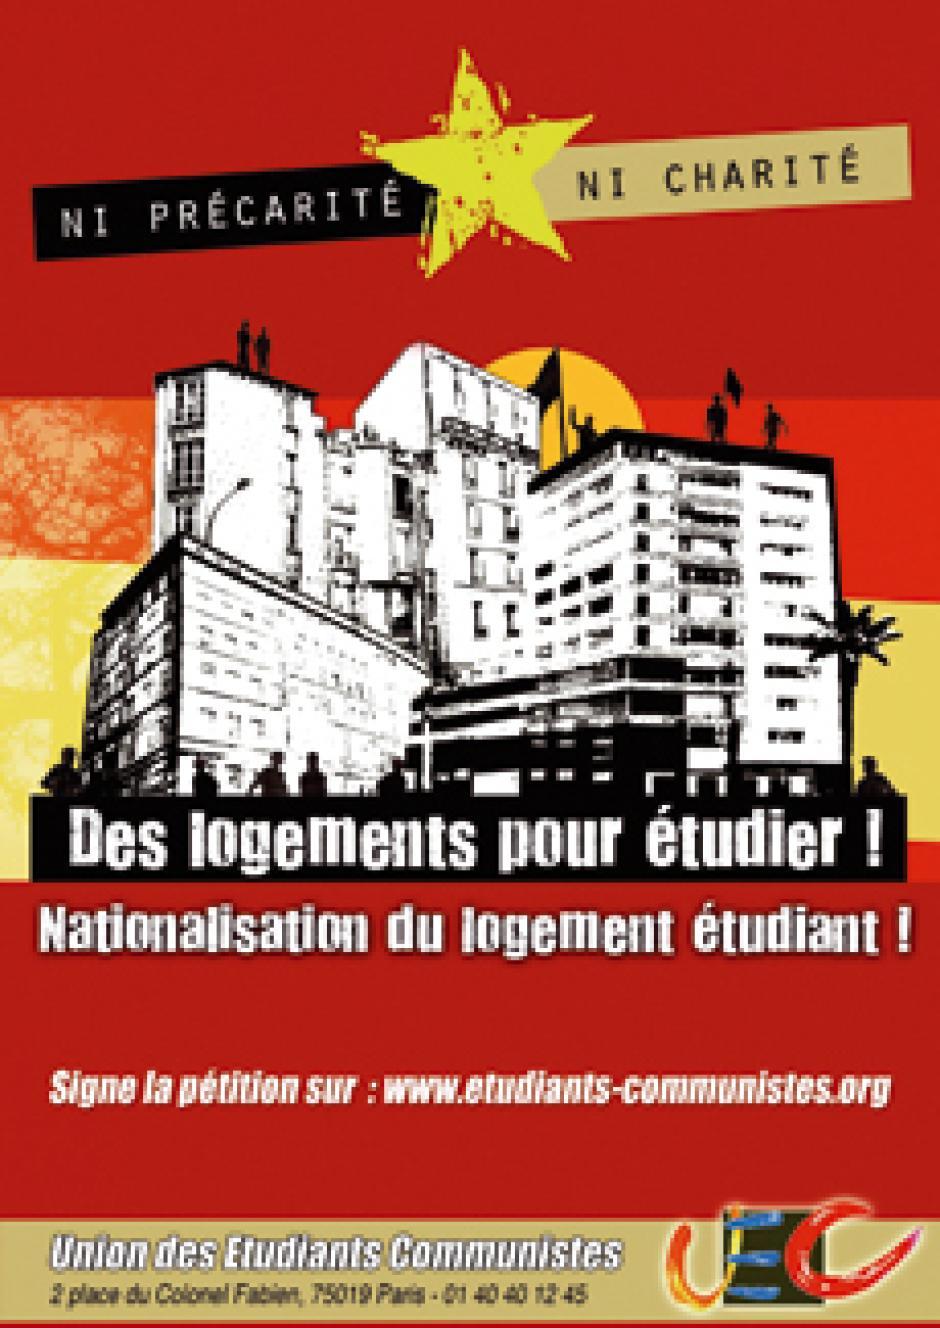 « Ni précarité, ni charité : des logements pour étudier ! »